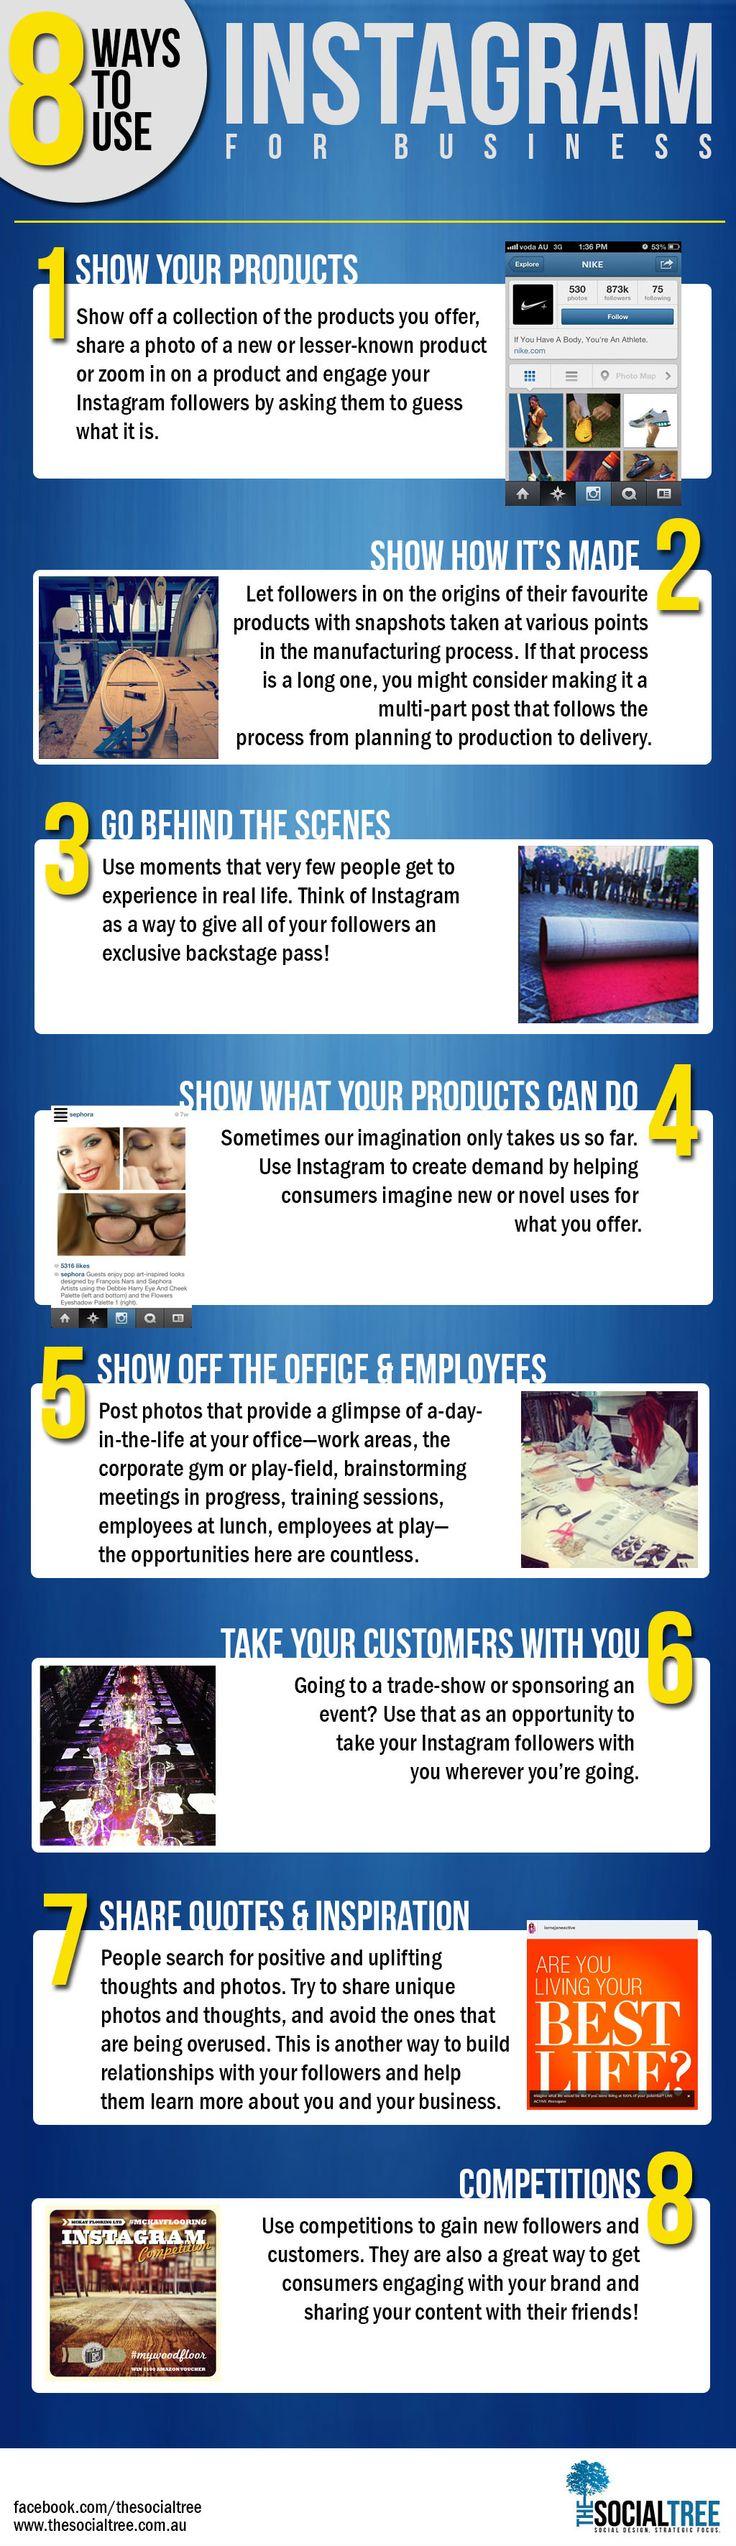 Ocho formas de usar Instagram en los negocios